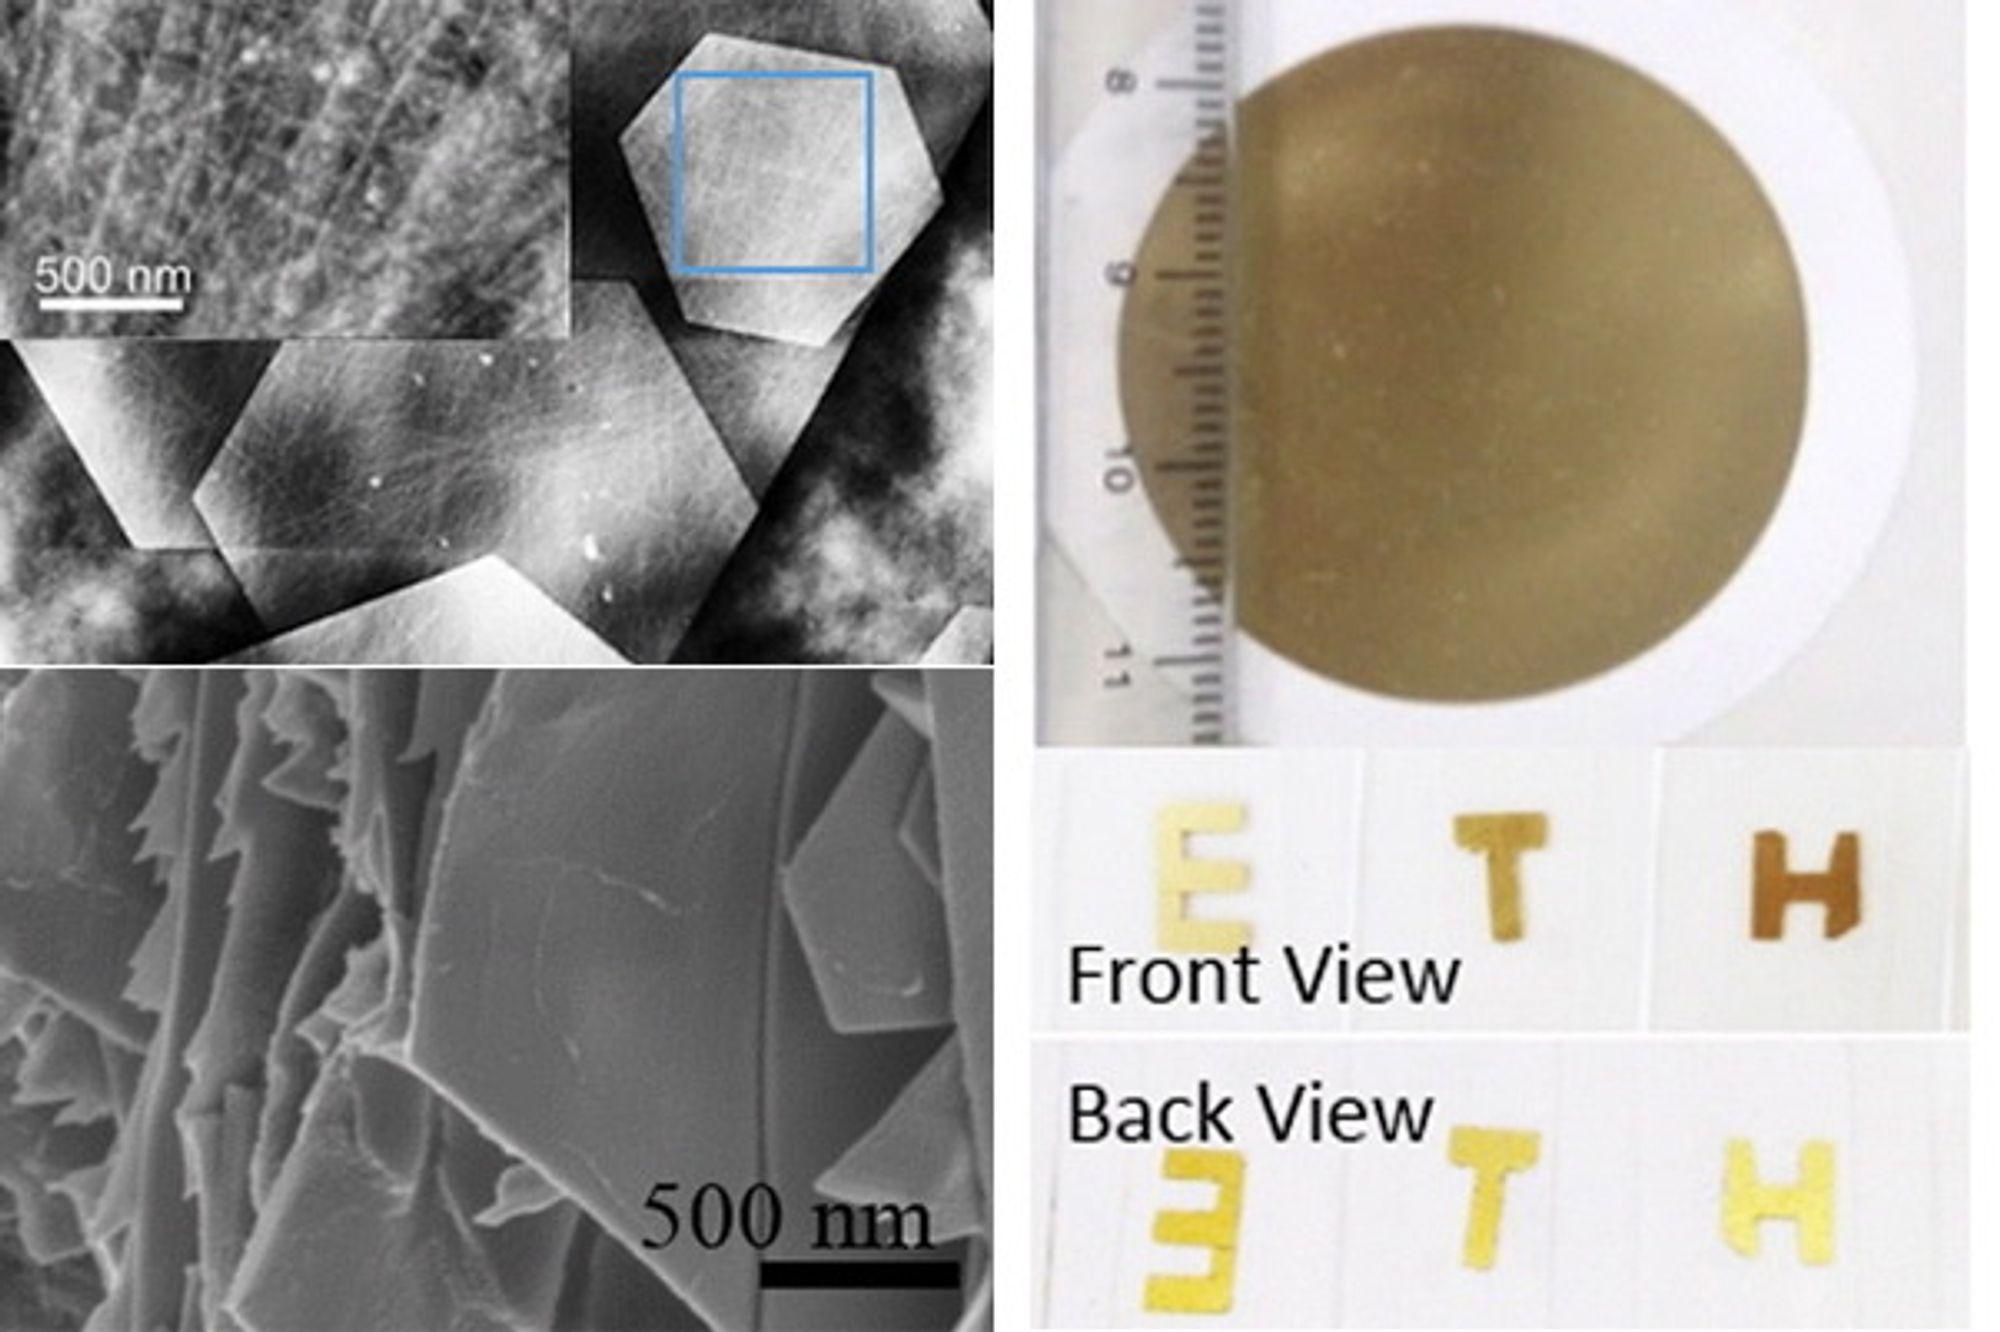 Øverst til høyre er det ferdige gullhybridet. Øverst til venstre sees det på mikronivå og nederst til venstre på nanonivå.